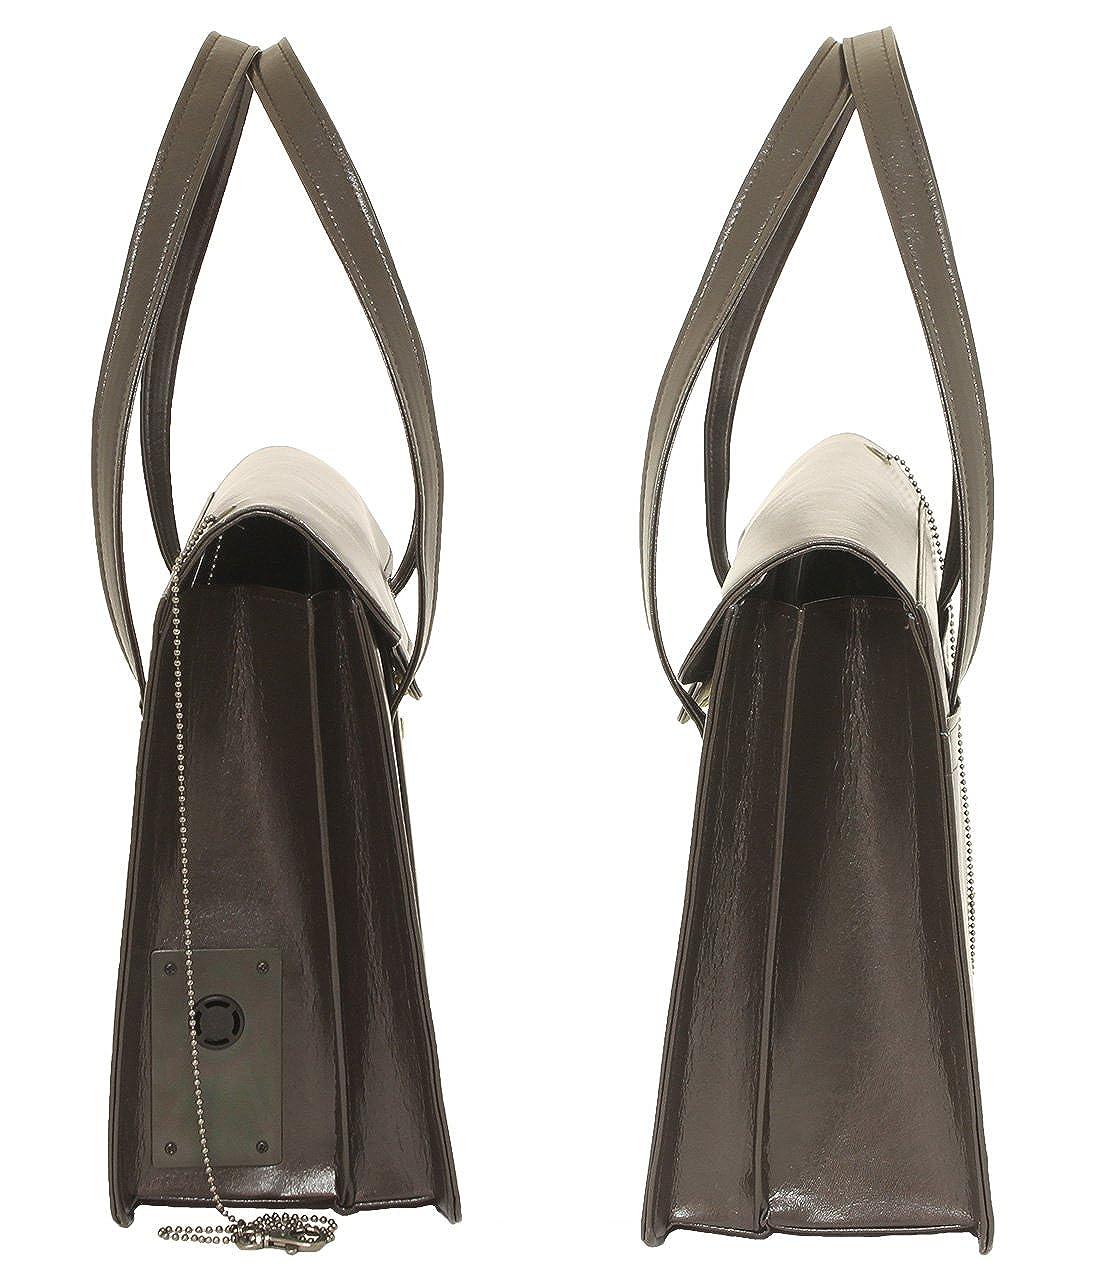 29fb22a4cce7 Amazon | S-600B 防犯ブザー付 渉外鞄レディースビジネスバッグ 被せ式ブリーフケース 豊岡製 | SE(三栄産業株式会社) | バッグ